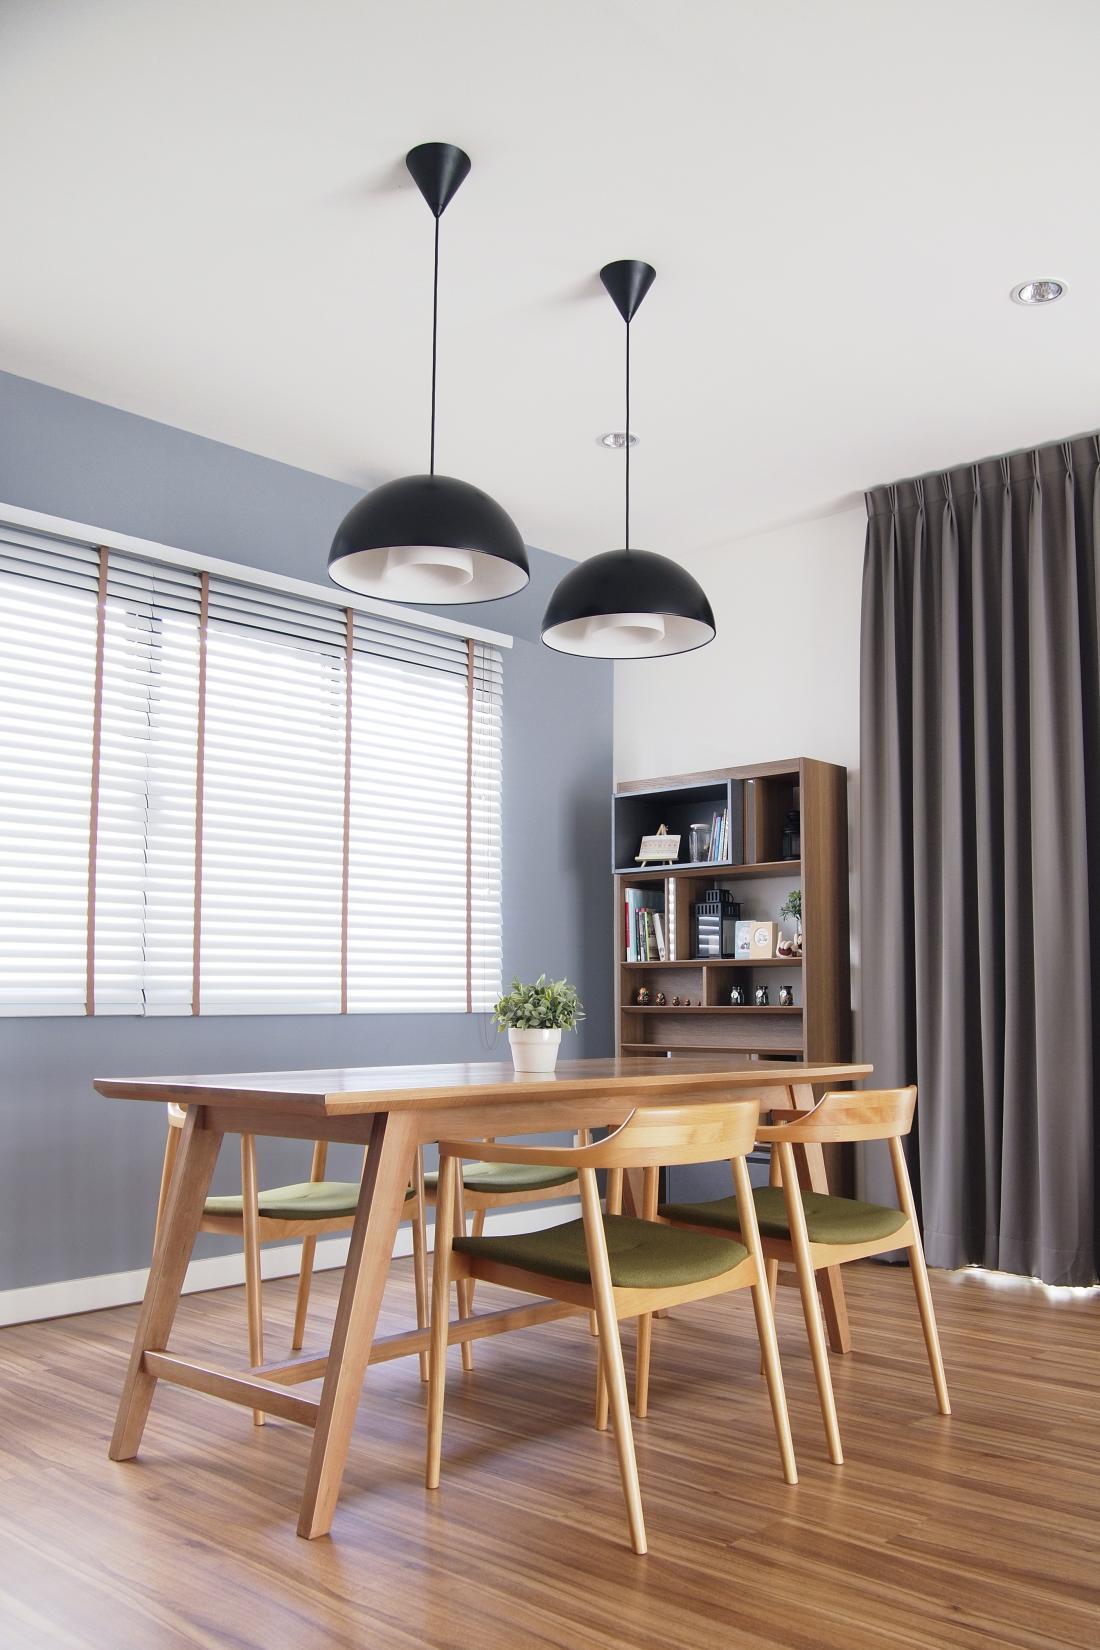 Tudi v novem stanovanju smo lahko izpostavljeni zdravju škodljivim materialom. FOTO: Shutterstock